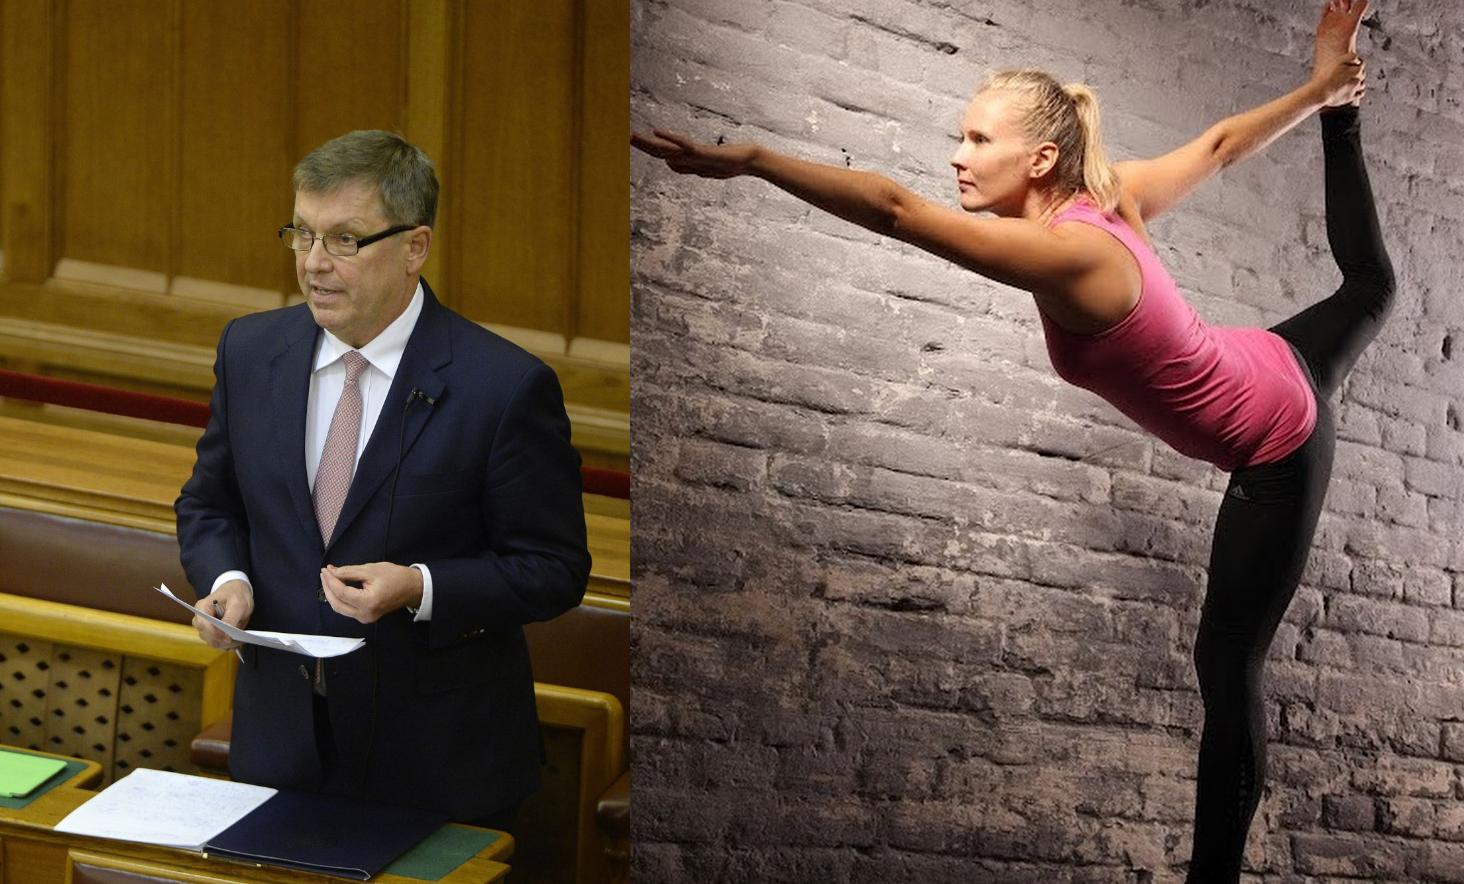 Matolcsy az egyik Pallas-alapítvány kuratóriumába is berakta új, jógaoktató barátnőjét